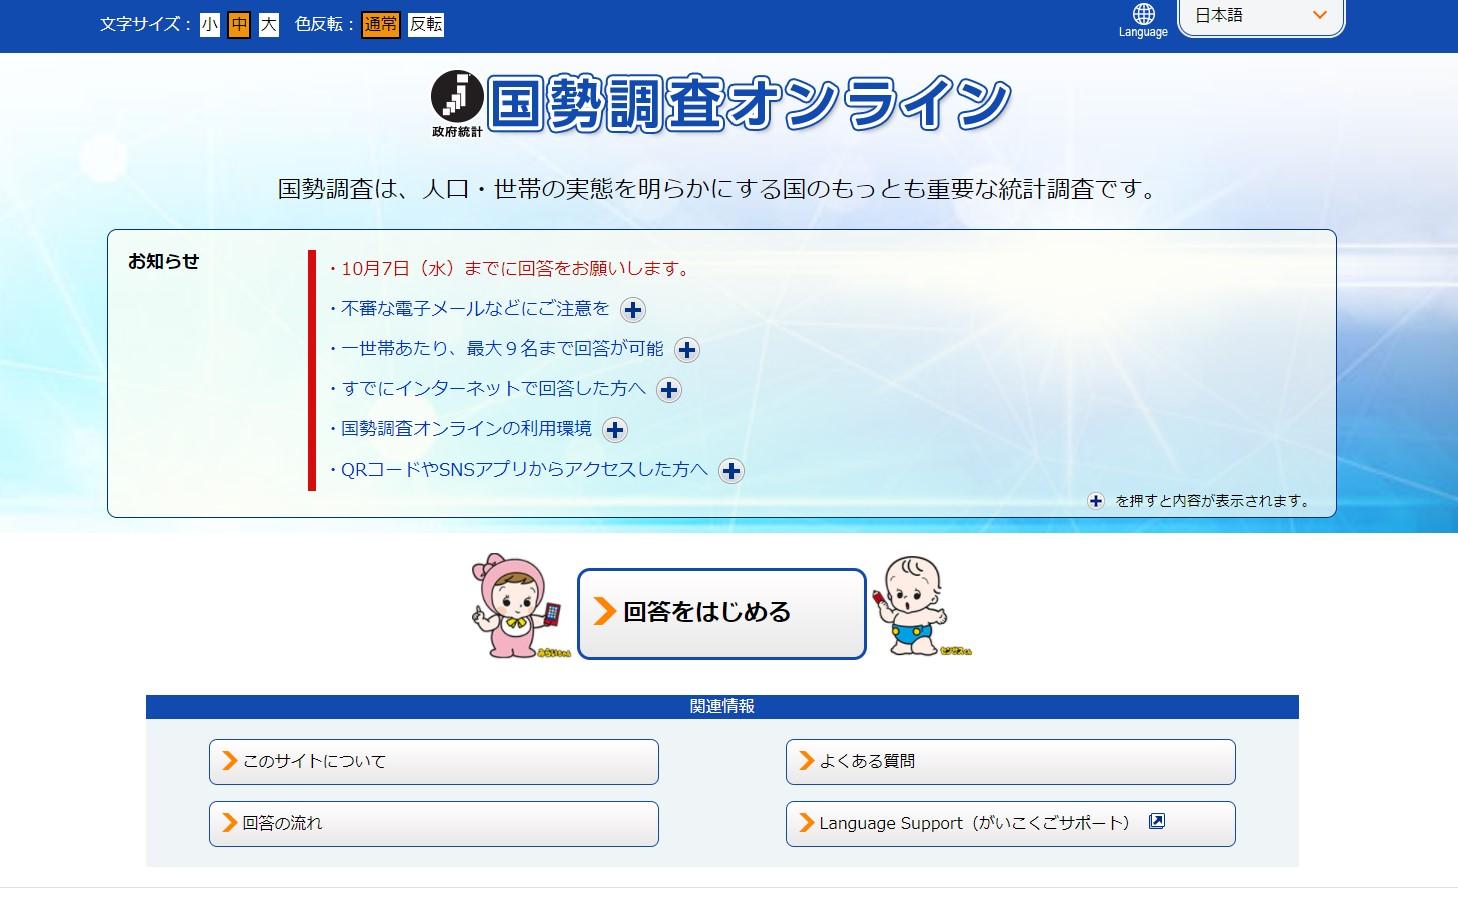 国税調査オンライン